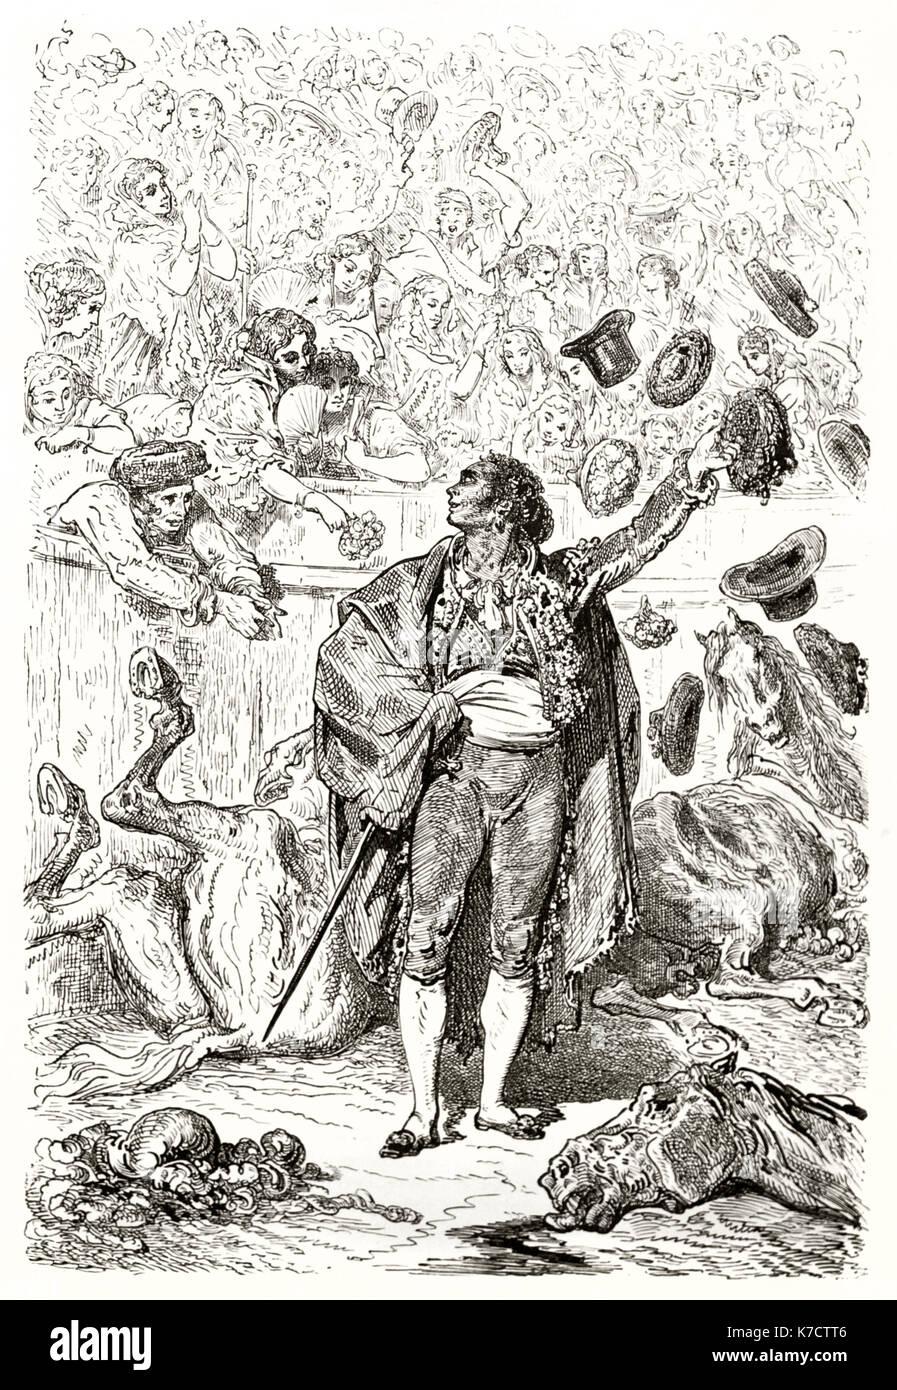 Vieille illustration de la tauromachie (Matador triomphe). Par Dore, publ. sur le Tour du Monde, Paris, 1862 Photo Stock